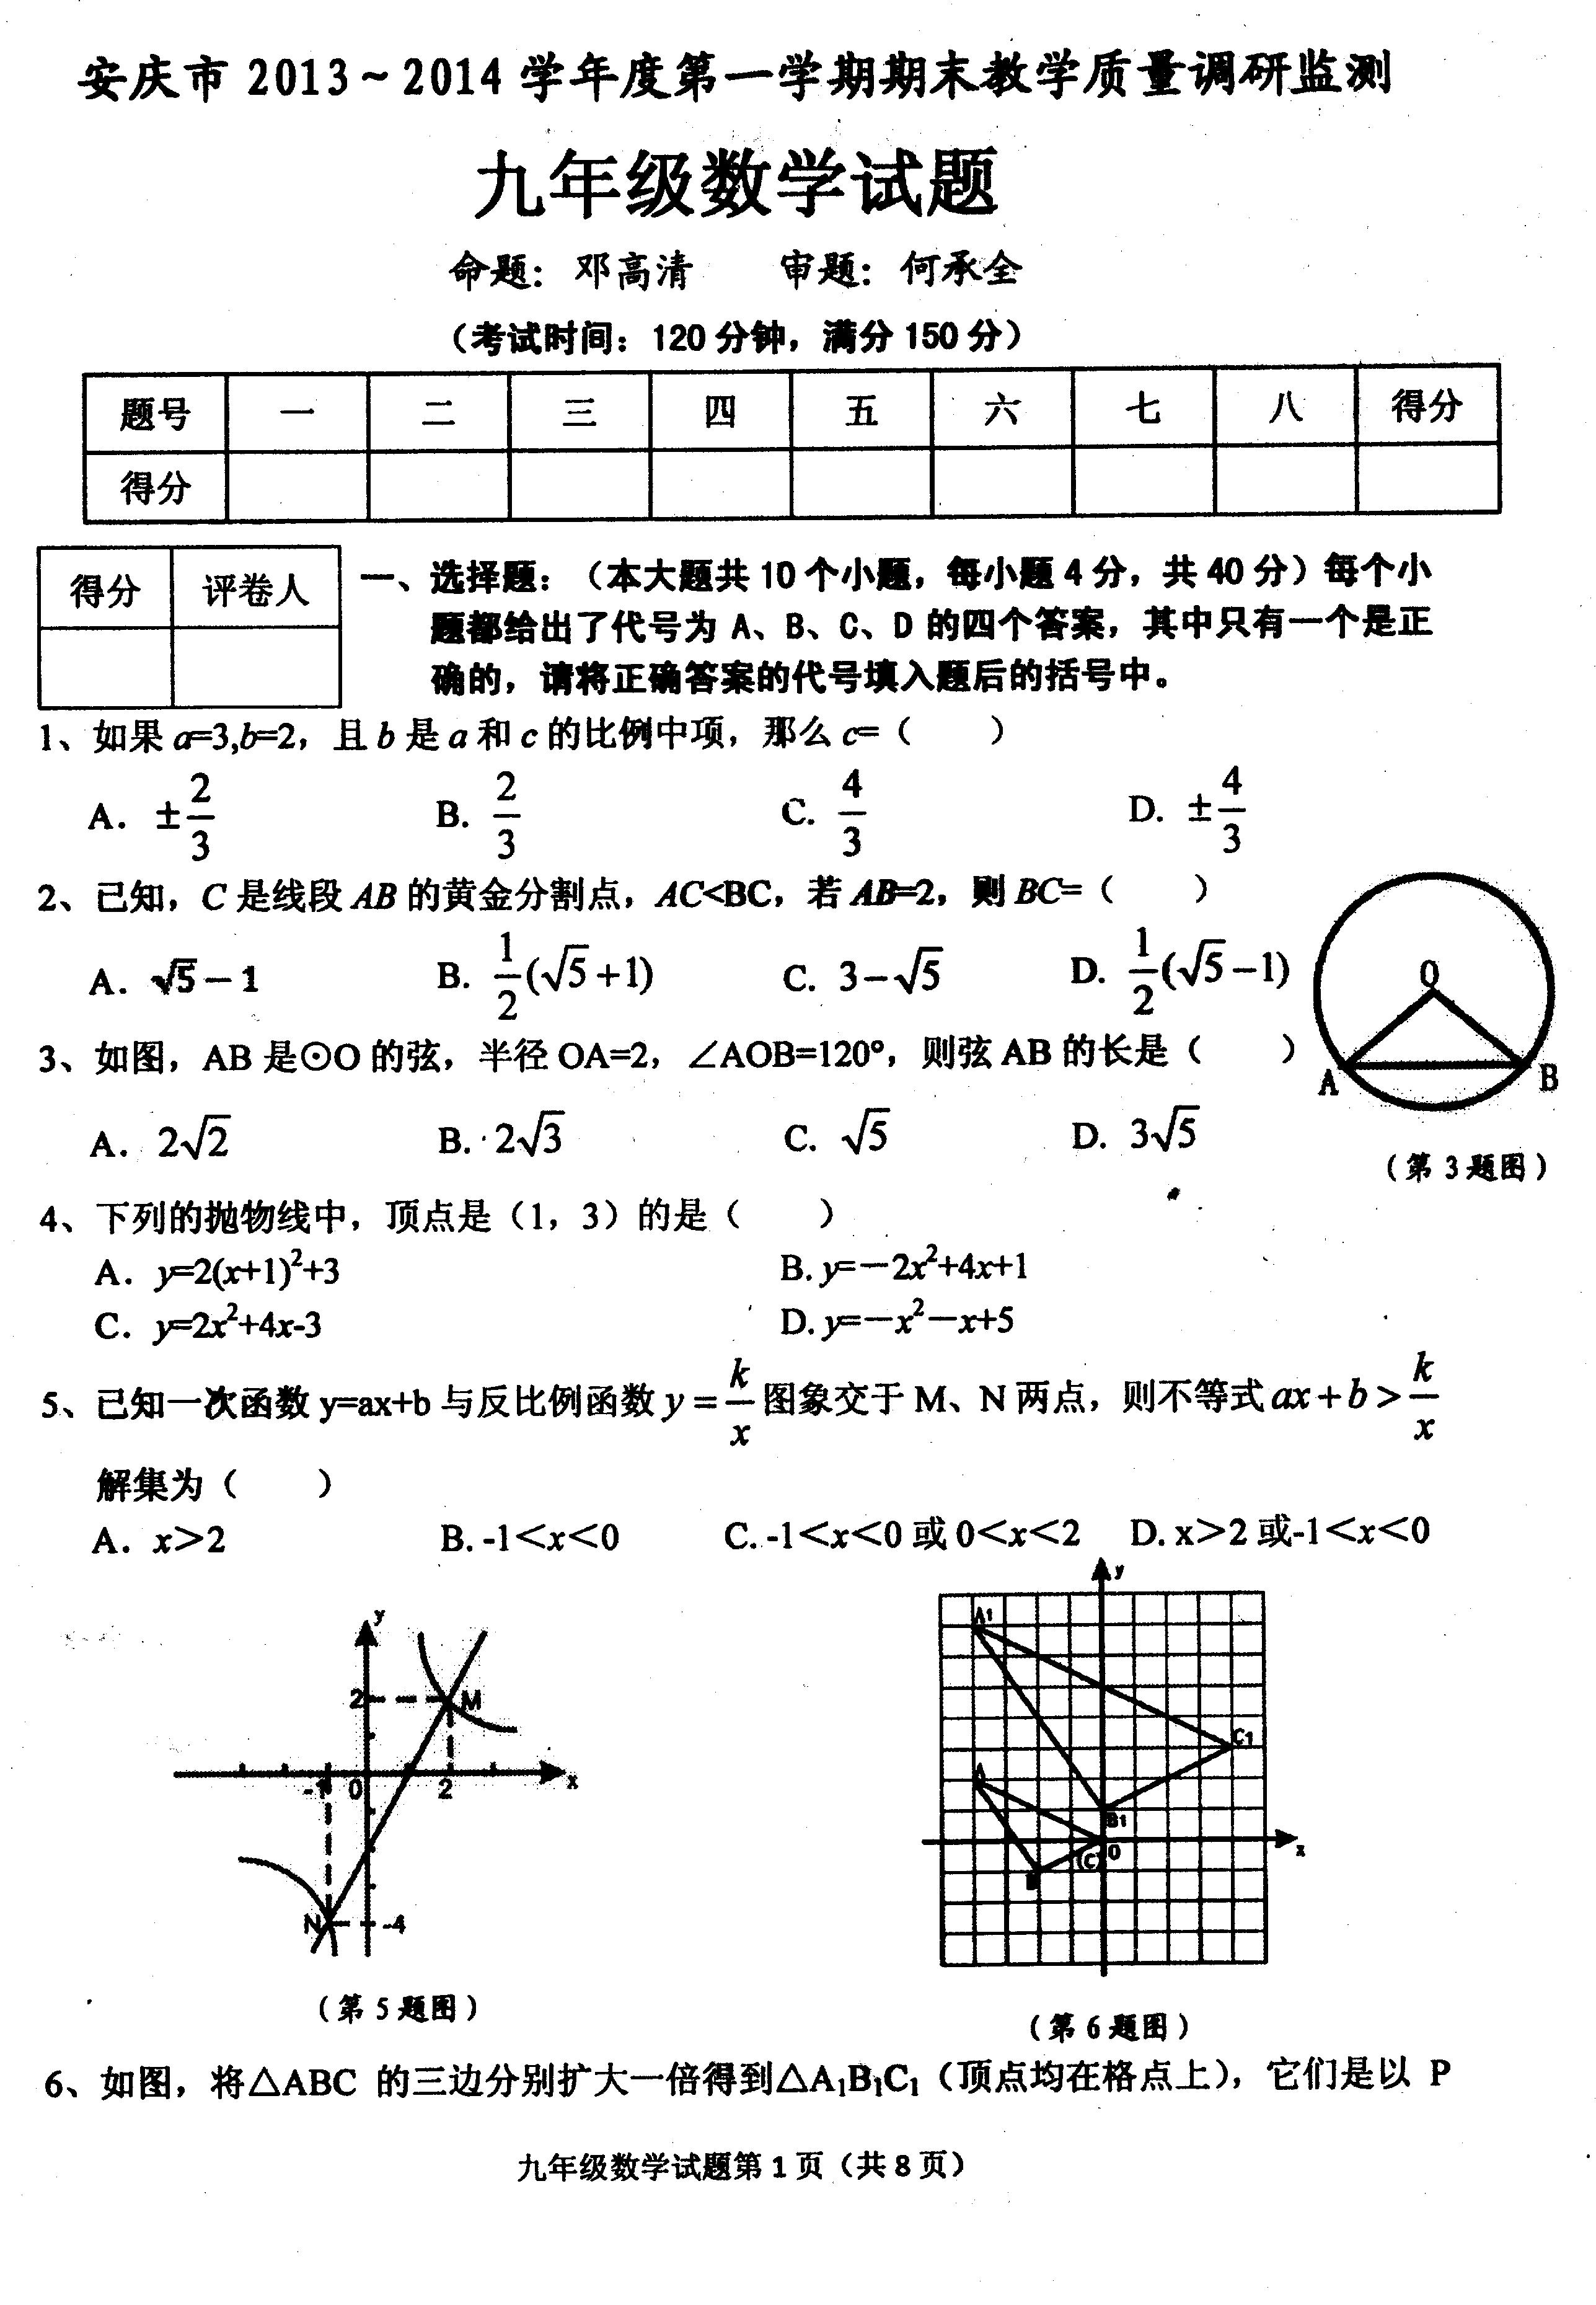 安庆市2013-2014学年度第一学期期末九年级数学试题及答案